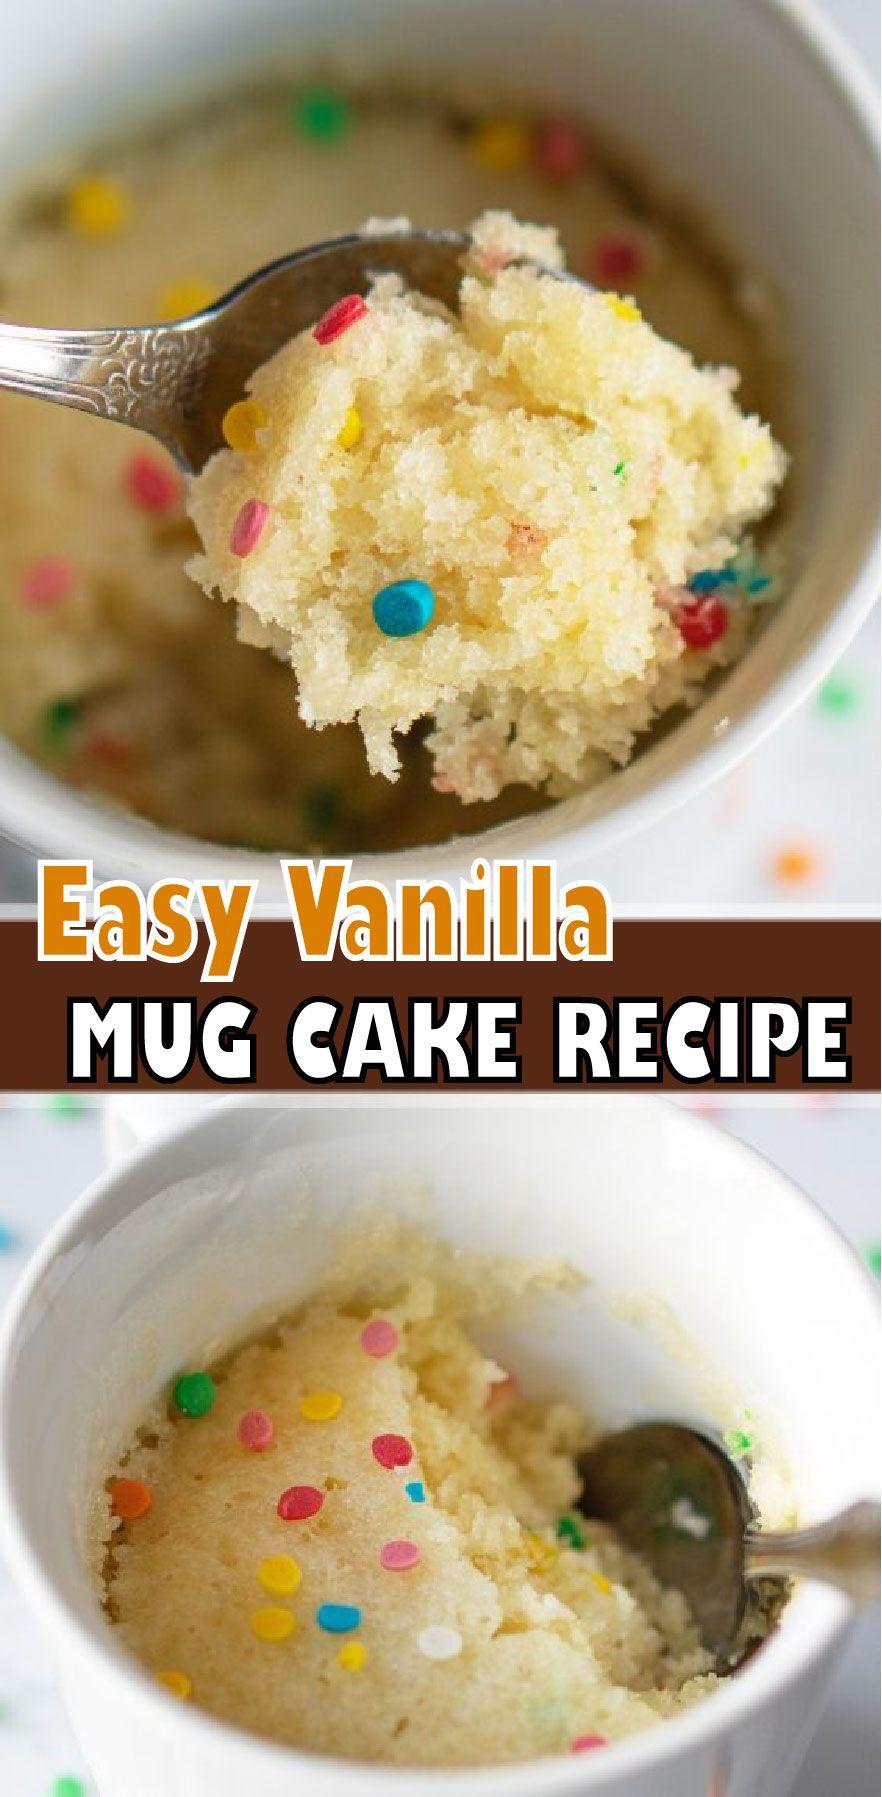 VANILLA MUG CAKE RECIPE in 2020 | Vanilla mug cakes, Mug ...